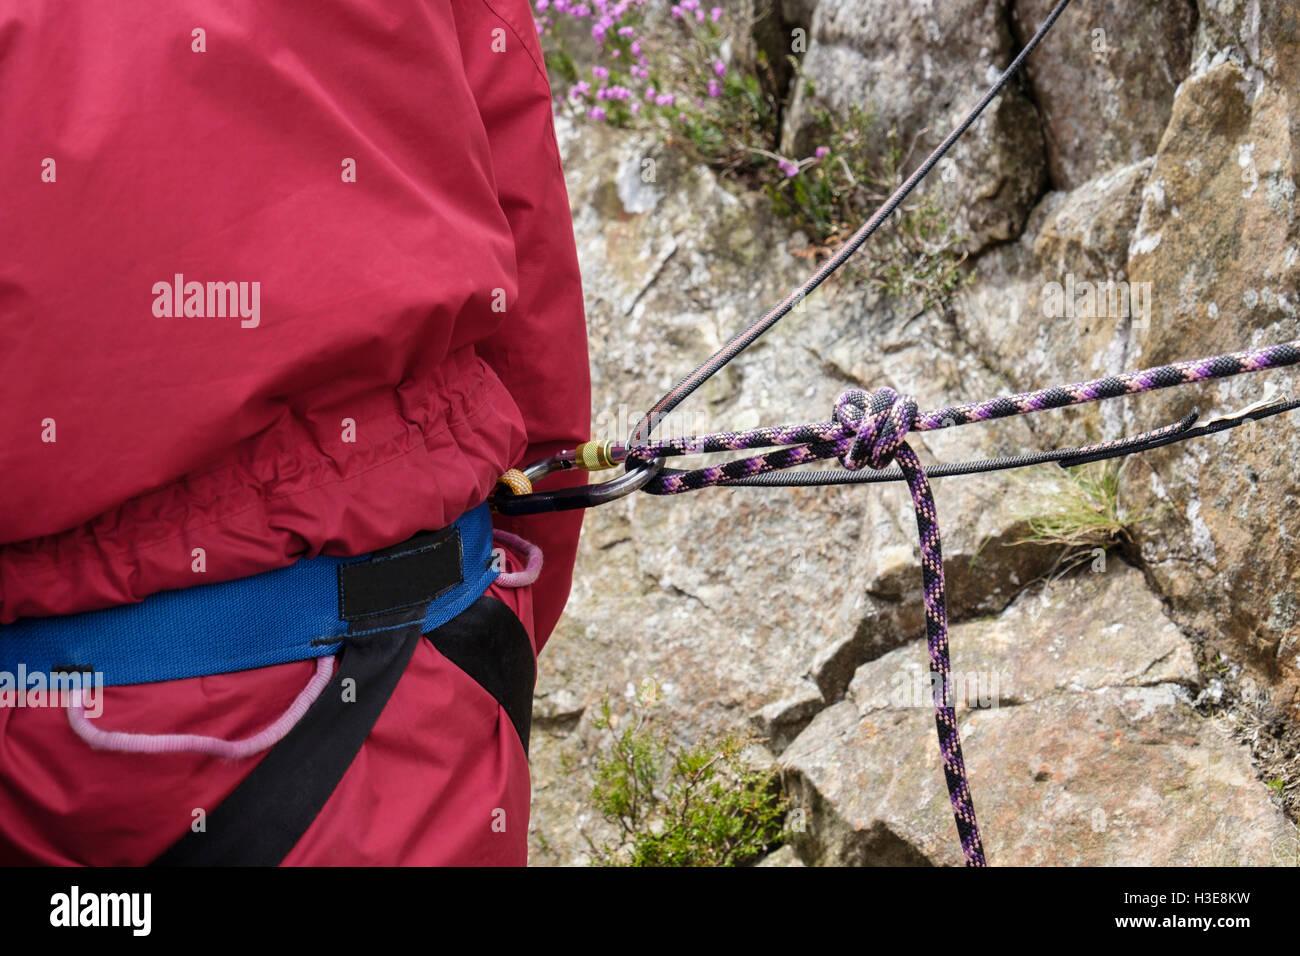 Klettergurt Mit Selbstsicherung : Rock kletterers stand an der spitze zu klettern mit seil und